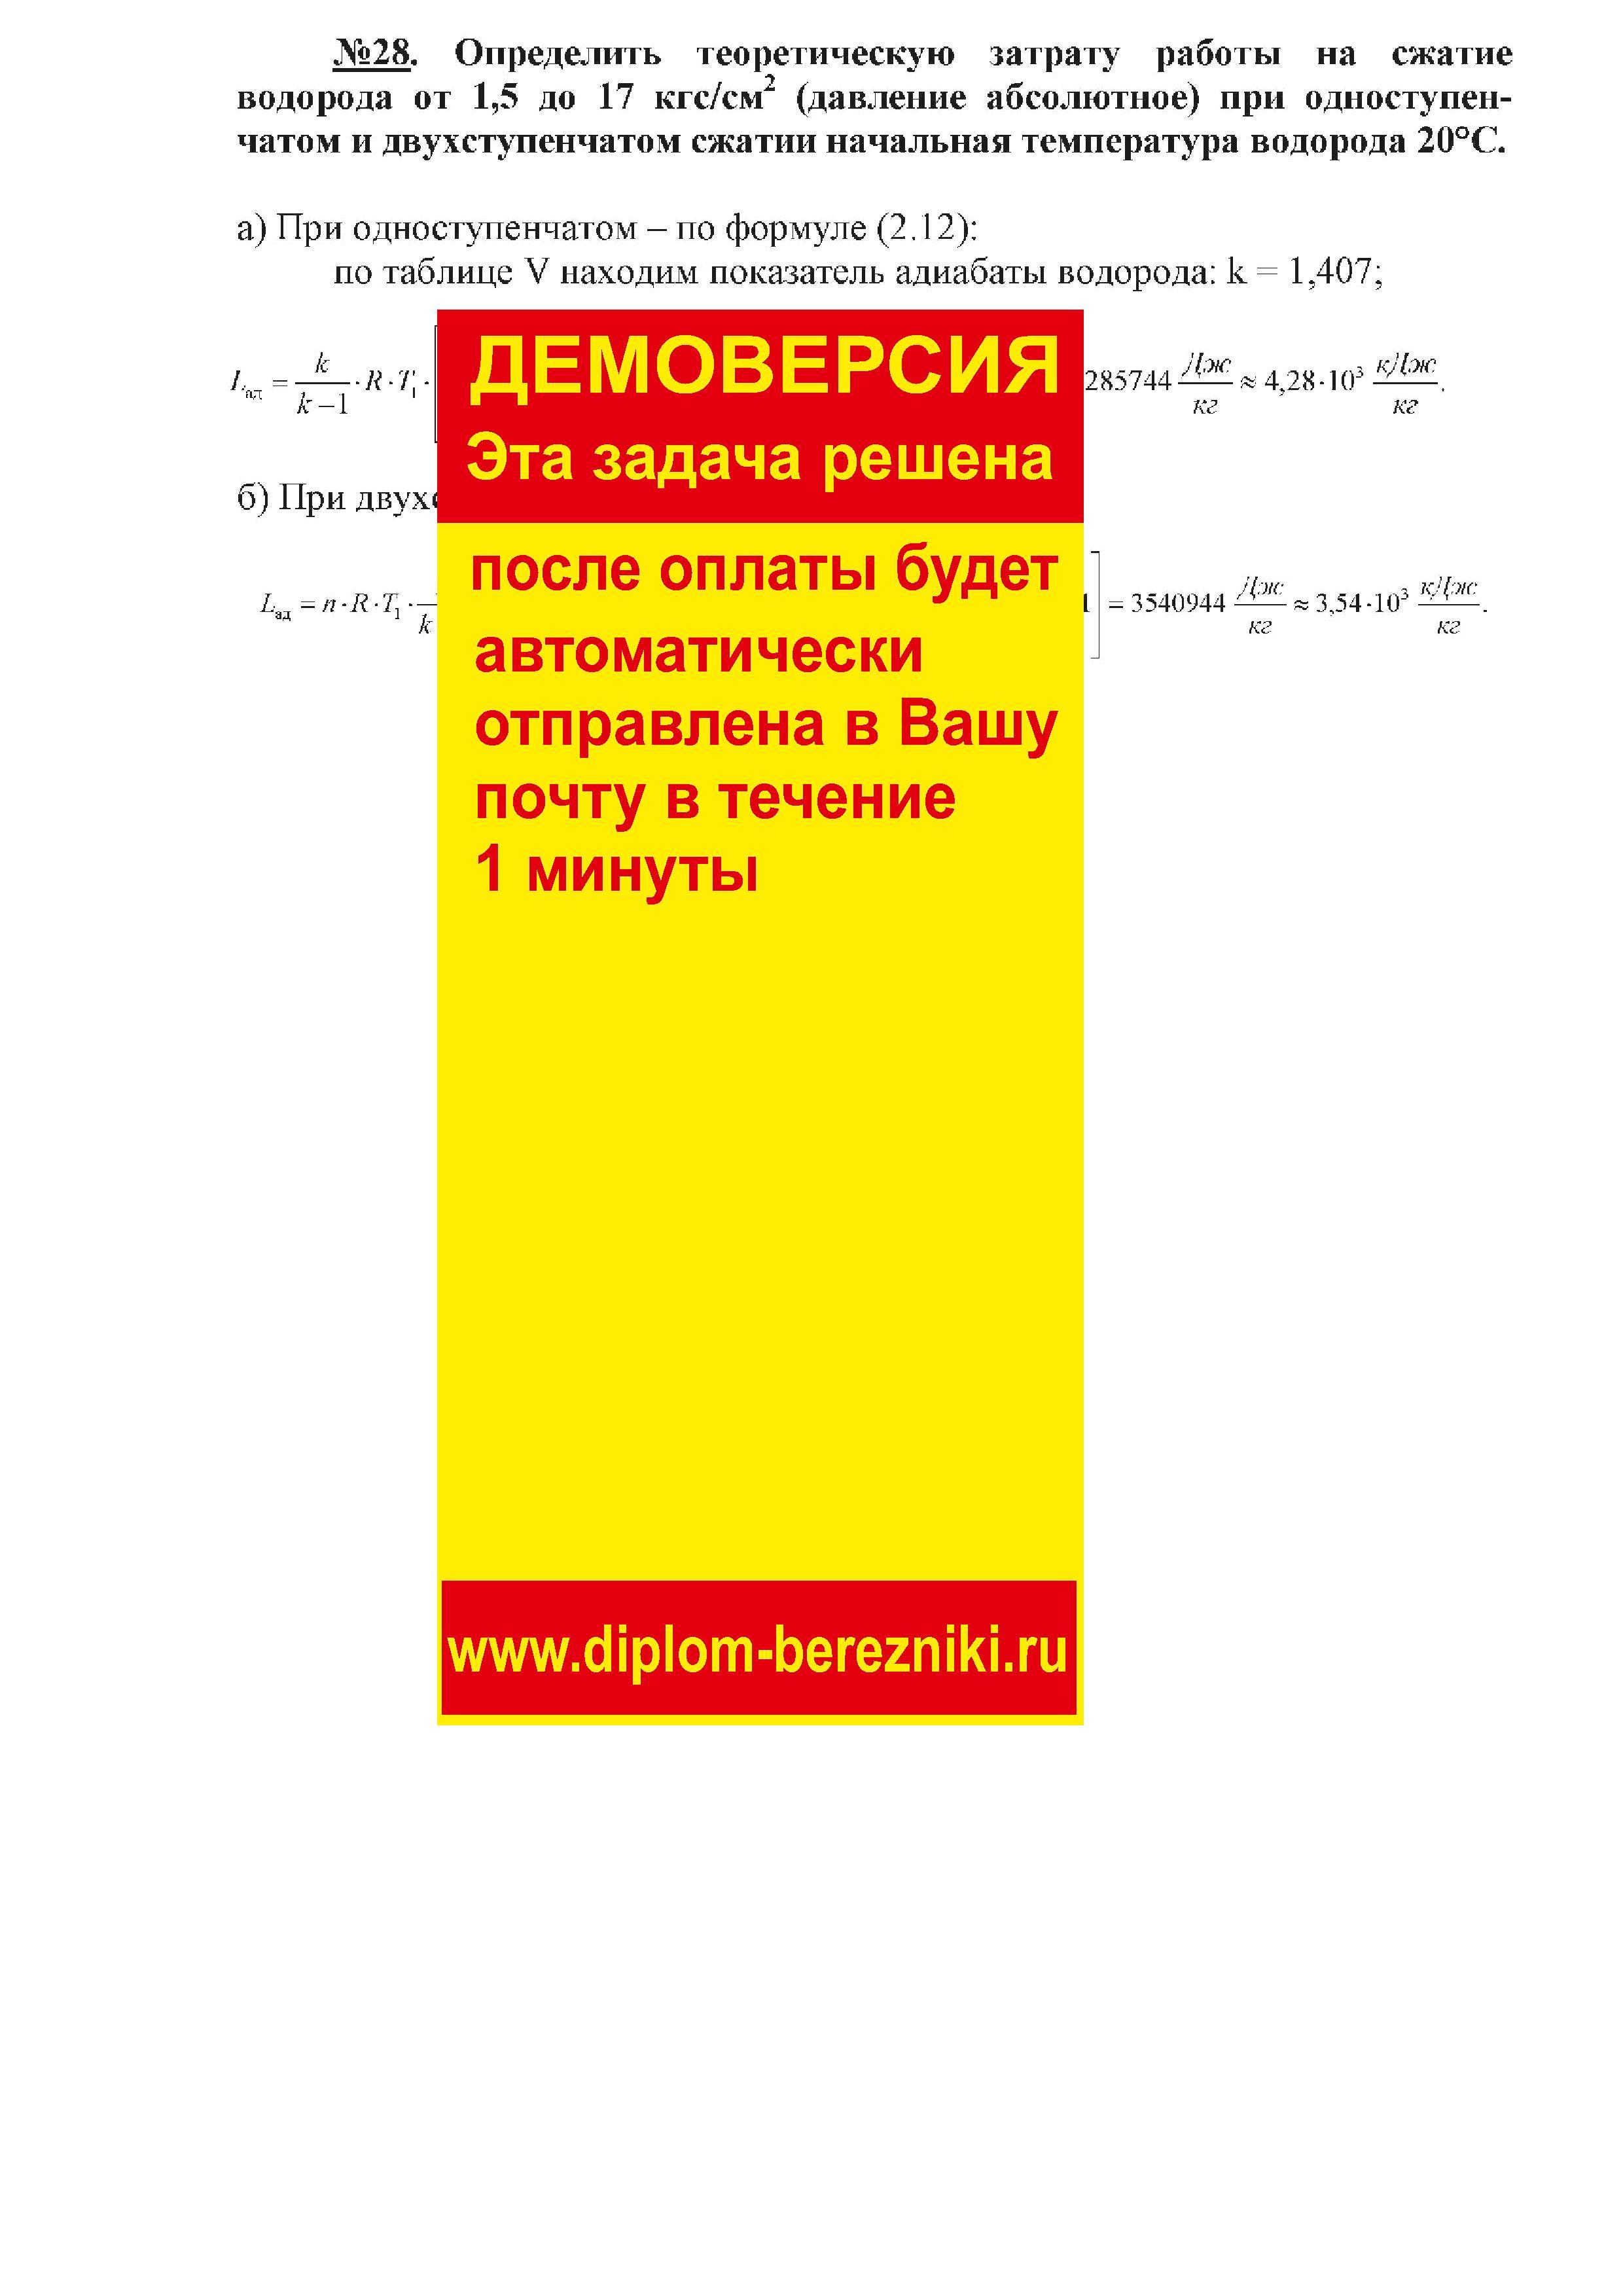 Решение задачи 2.28 по ПАХТ из задачника Павлова Романкова Носкова